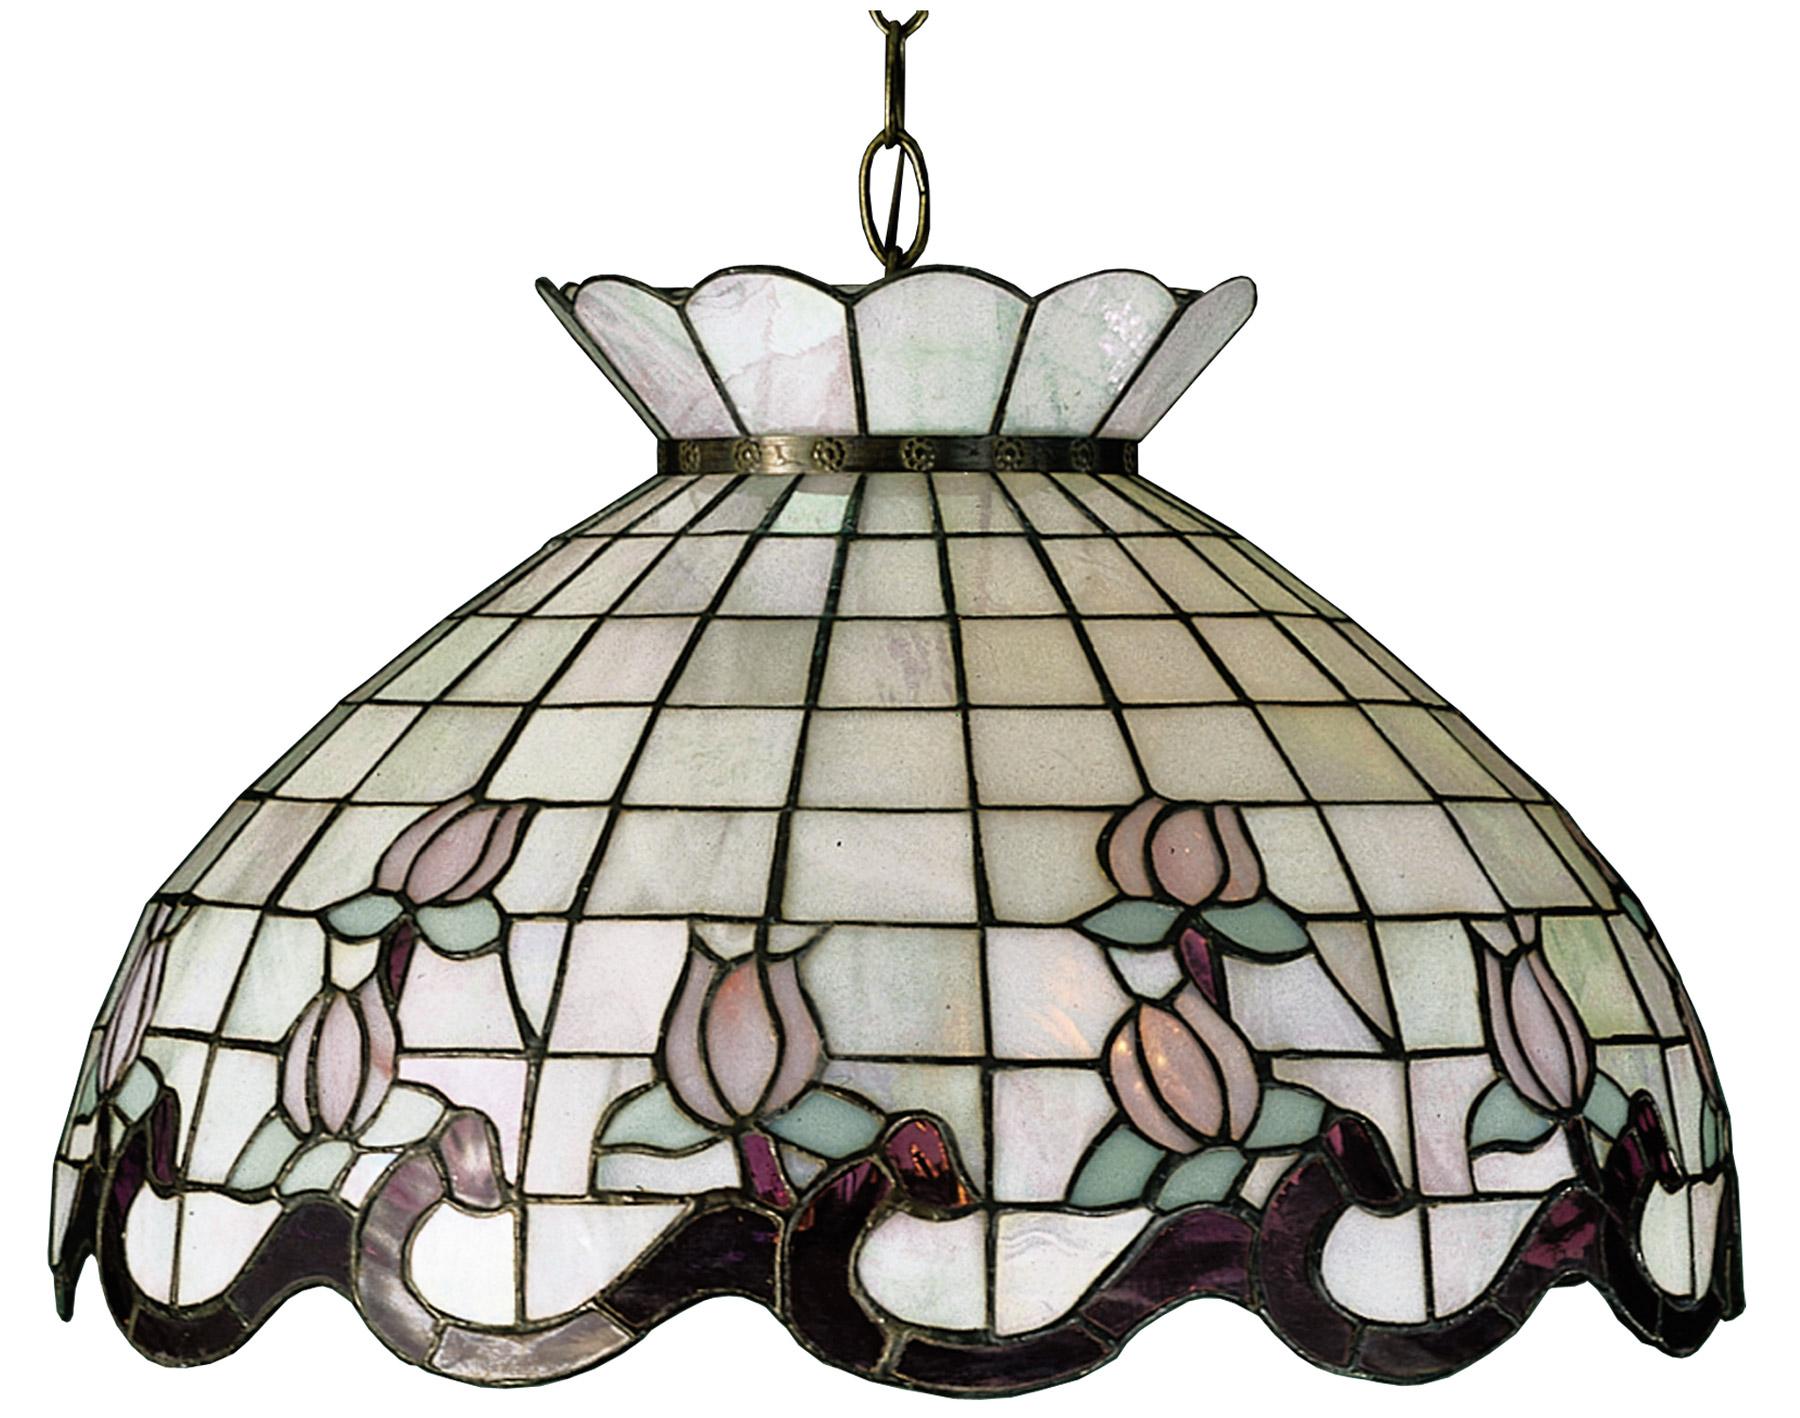 Meyda 31211 Tiffany Roseborder Hanging Lamp